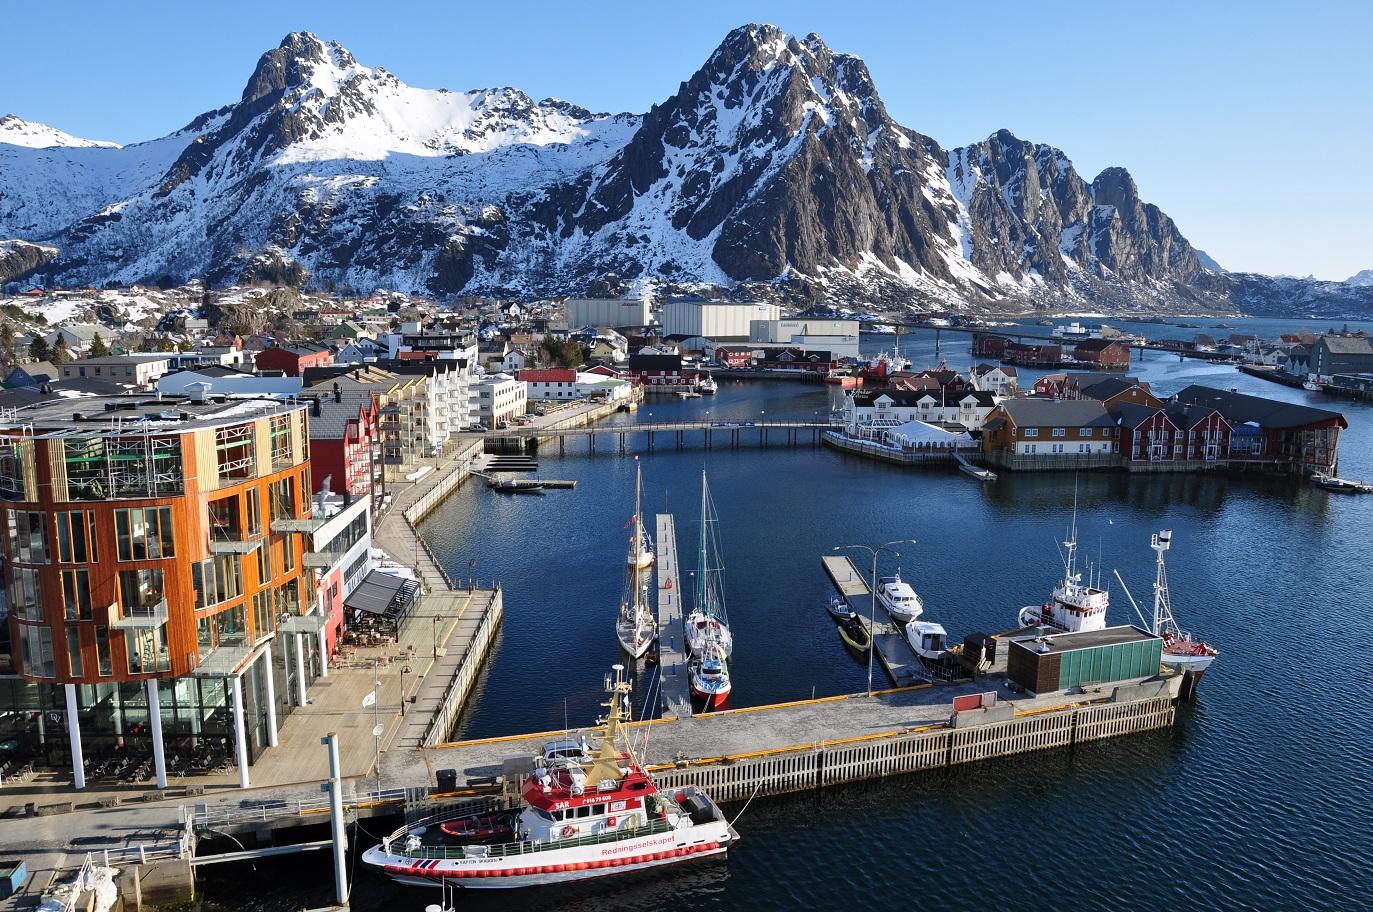 Το λιμάνι του Svolvaer